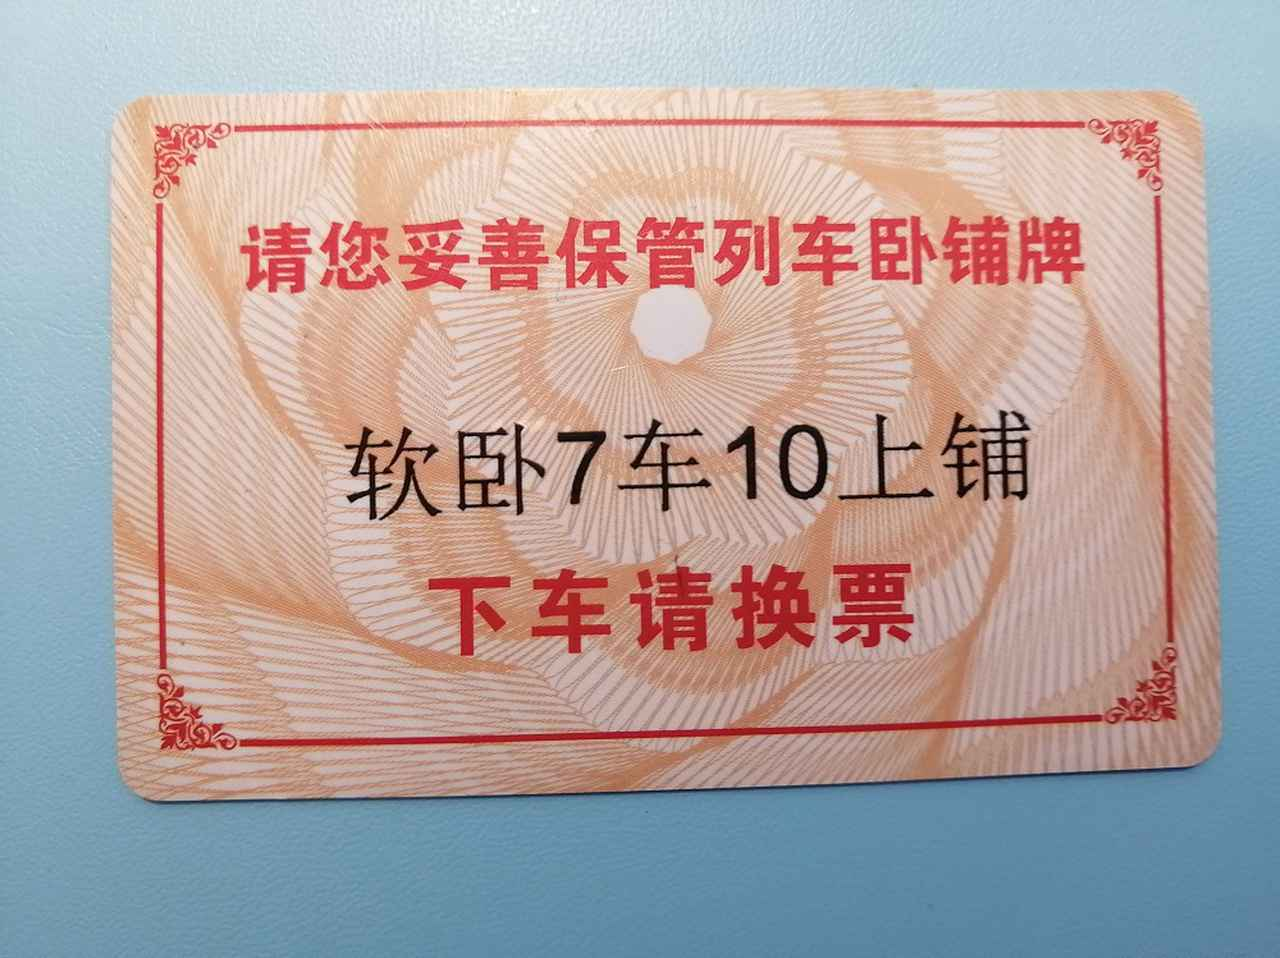 画像: 発車後しばらくすると車掌が切符と預かり証の交換に来る。この際、中国語で書かれた健康登録カードが配られるのでサインしておこう。ラサ到着1時間ほど前に車掌が切符と再度交換に来る。